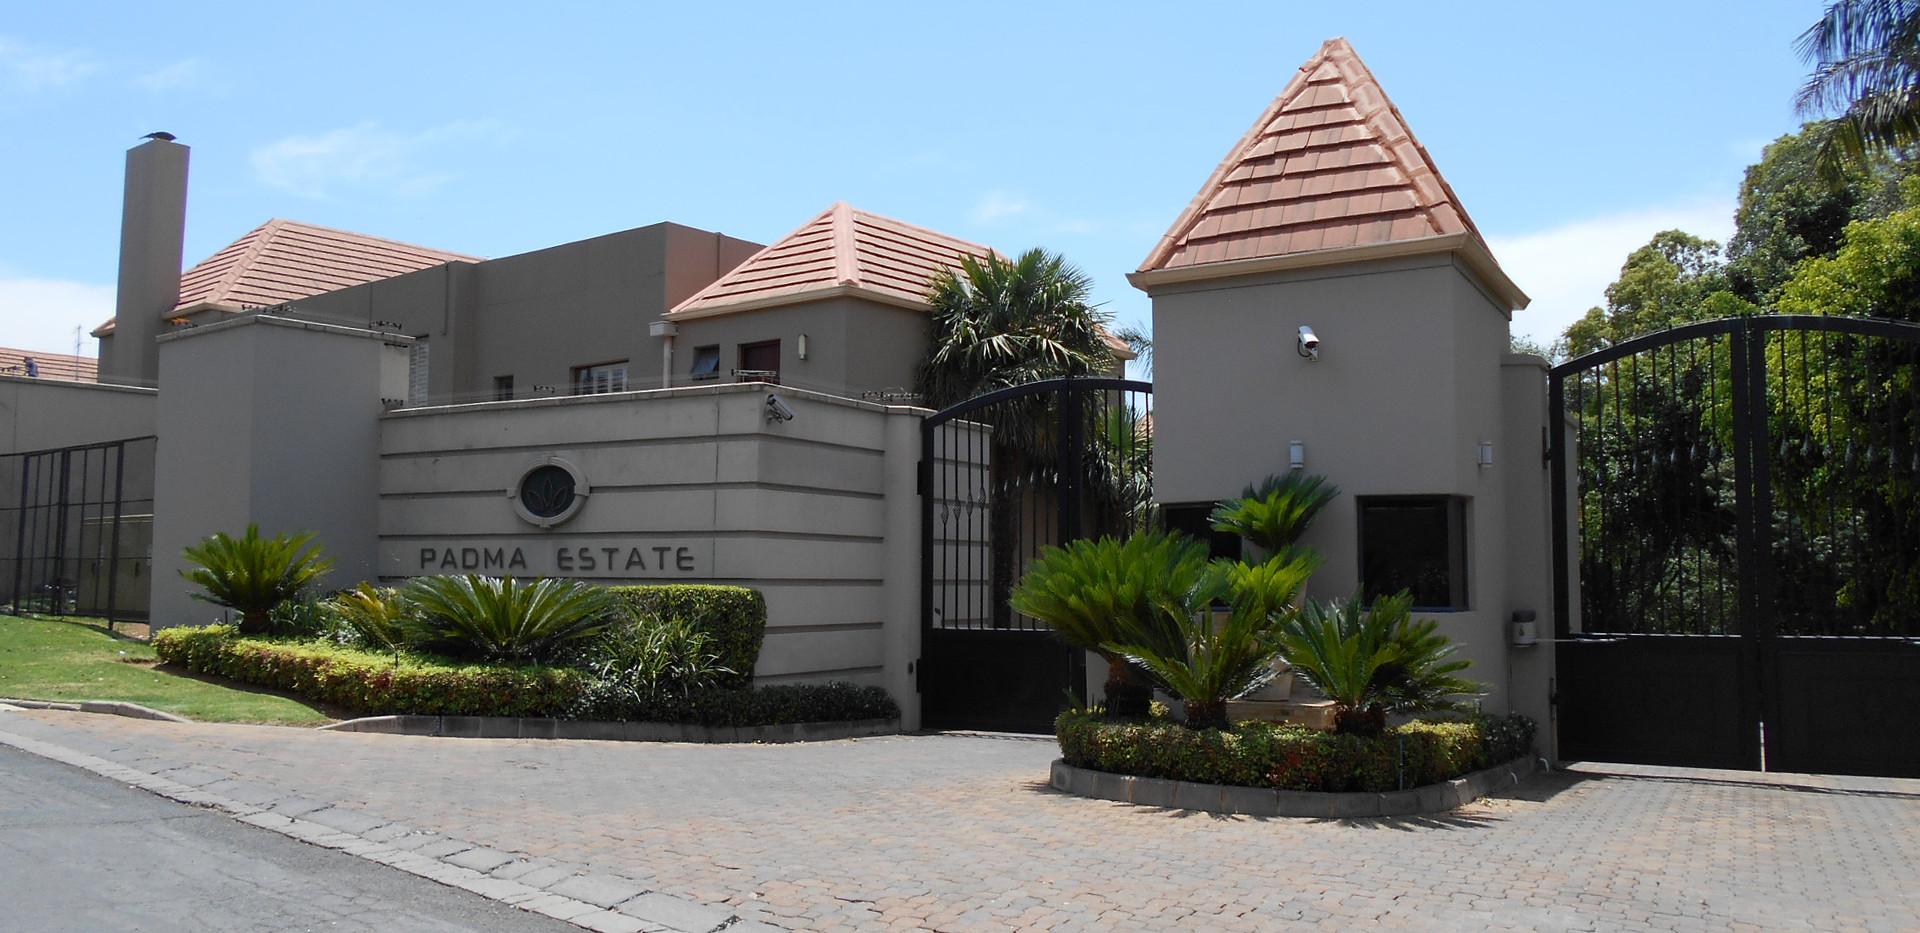 Padama Estate - 9 units